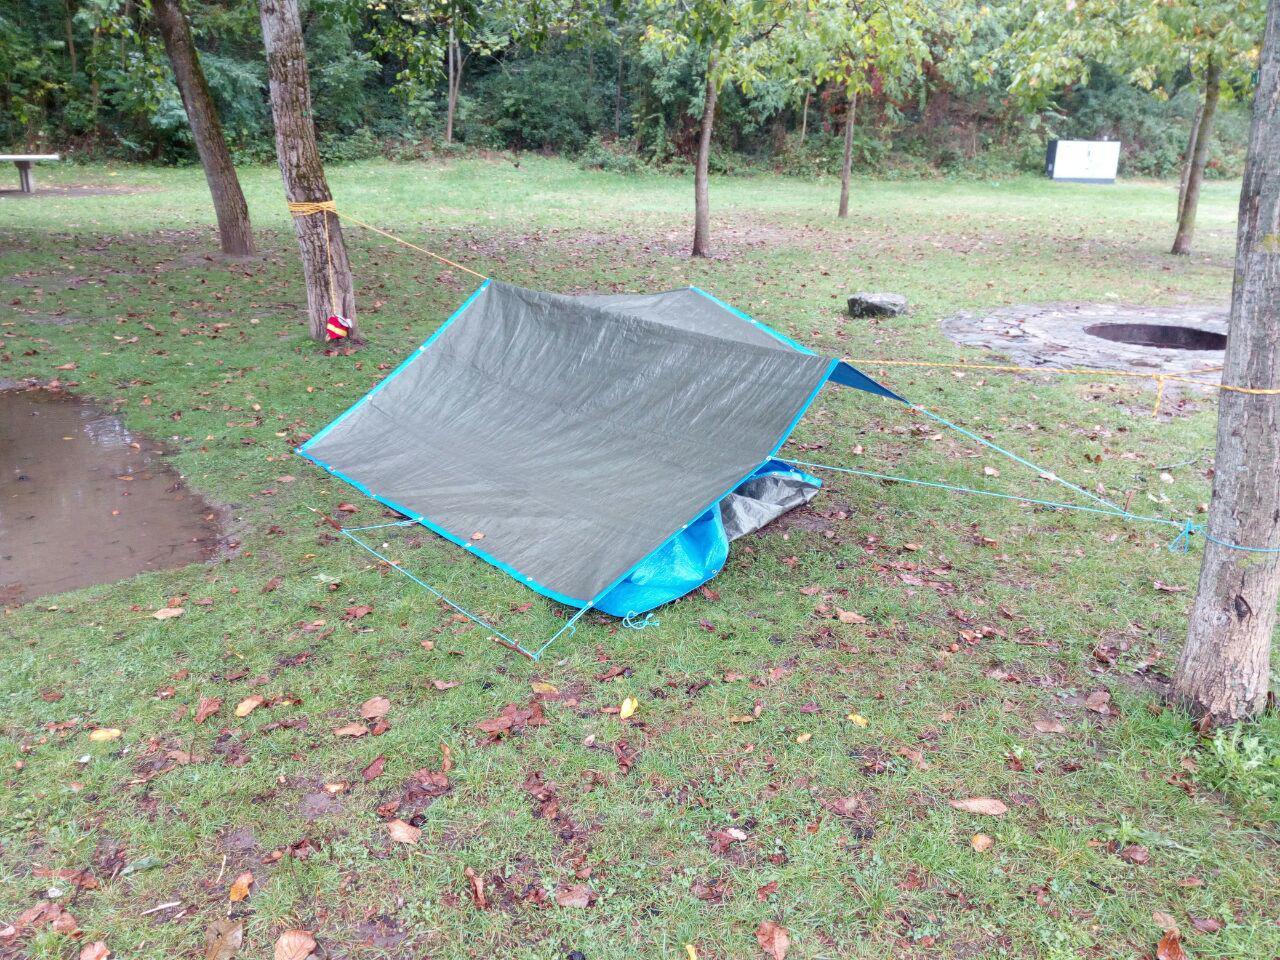 Shelter nahe der Feuerstelle, um zumindest Essen und Zunder trocken zu halten.